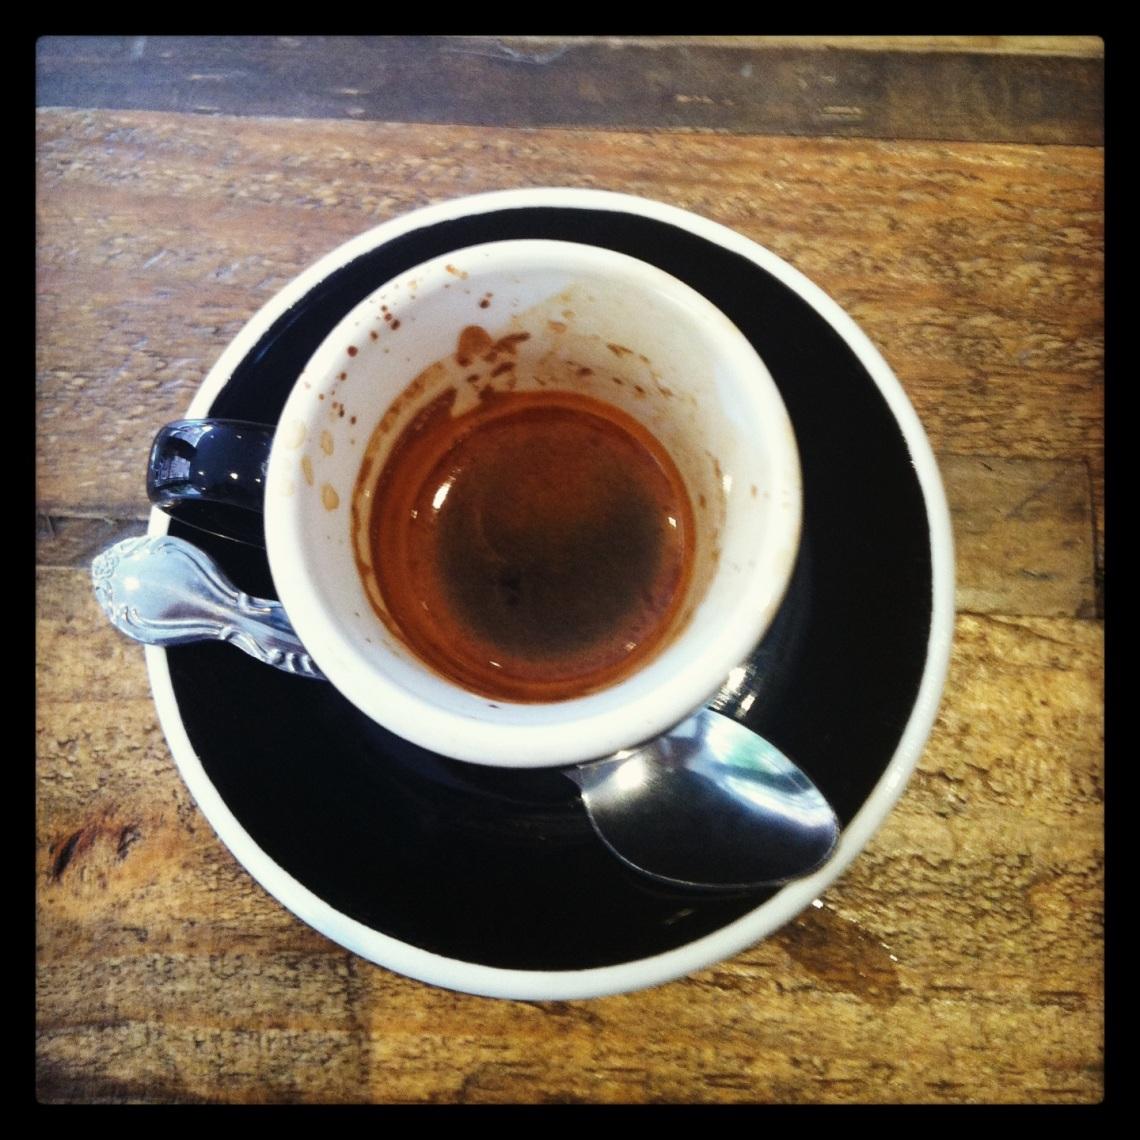 Good coffee.